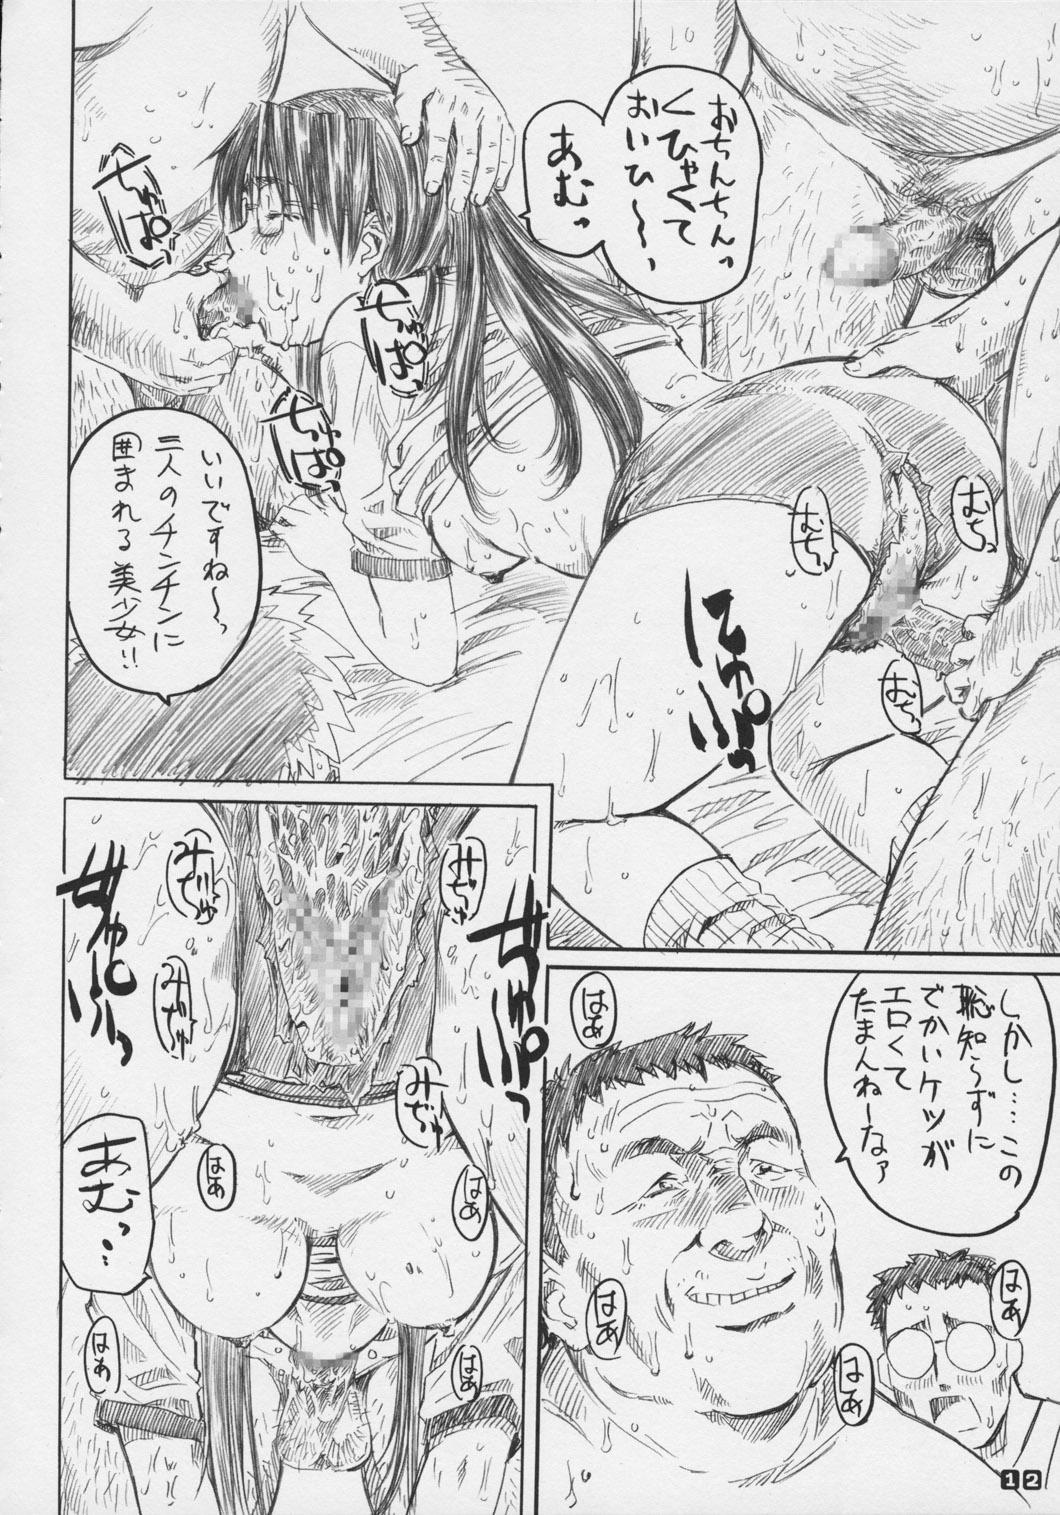 (C64) [MARUTA-DOJO (MARUTA)] Koyomi no Ren-nyu Tappuri Syu-Kuri-mu (Azumanga-Daioh) 11